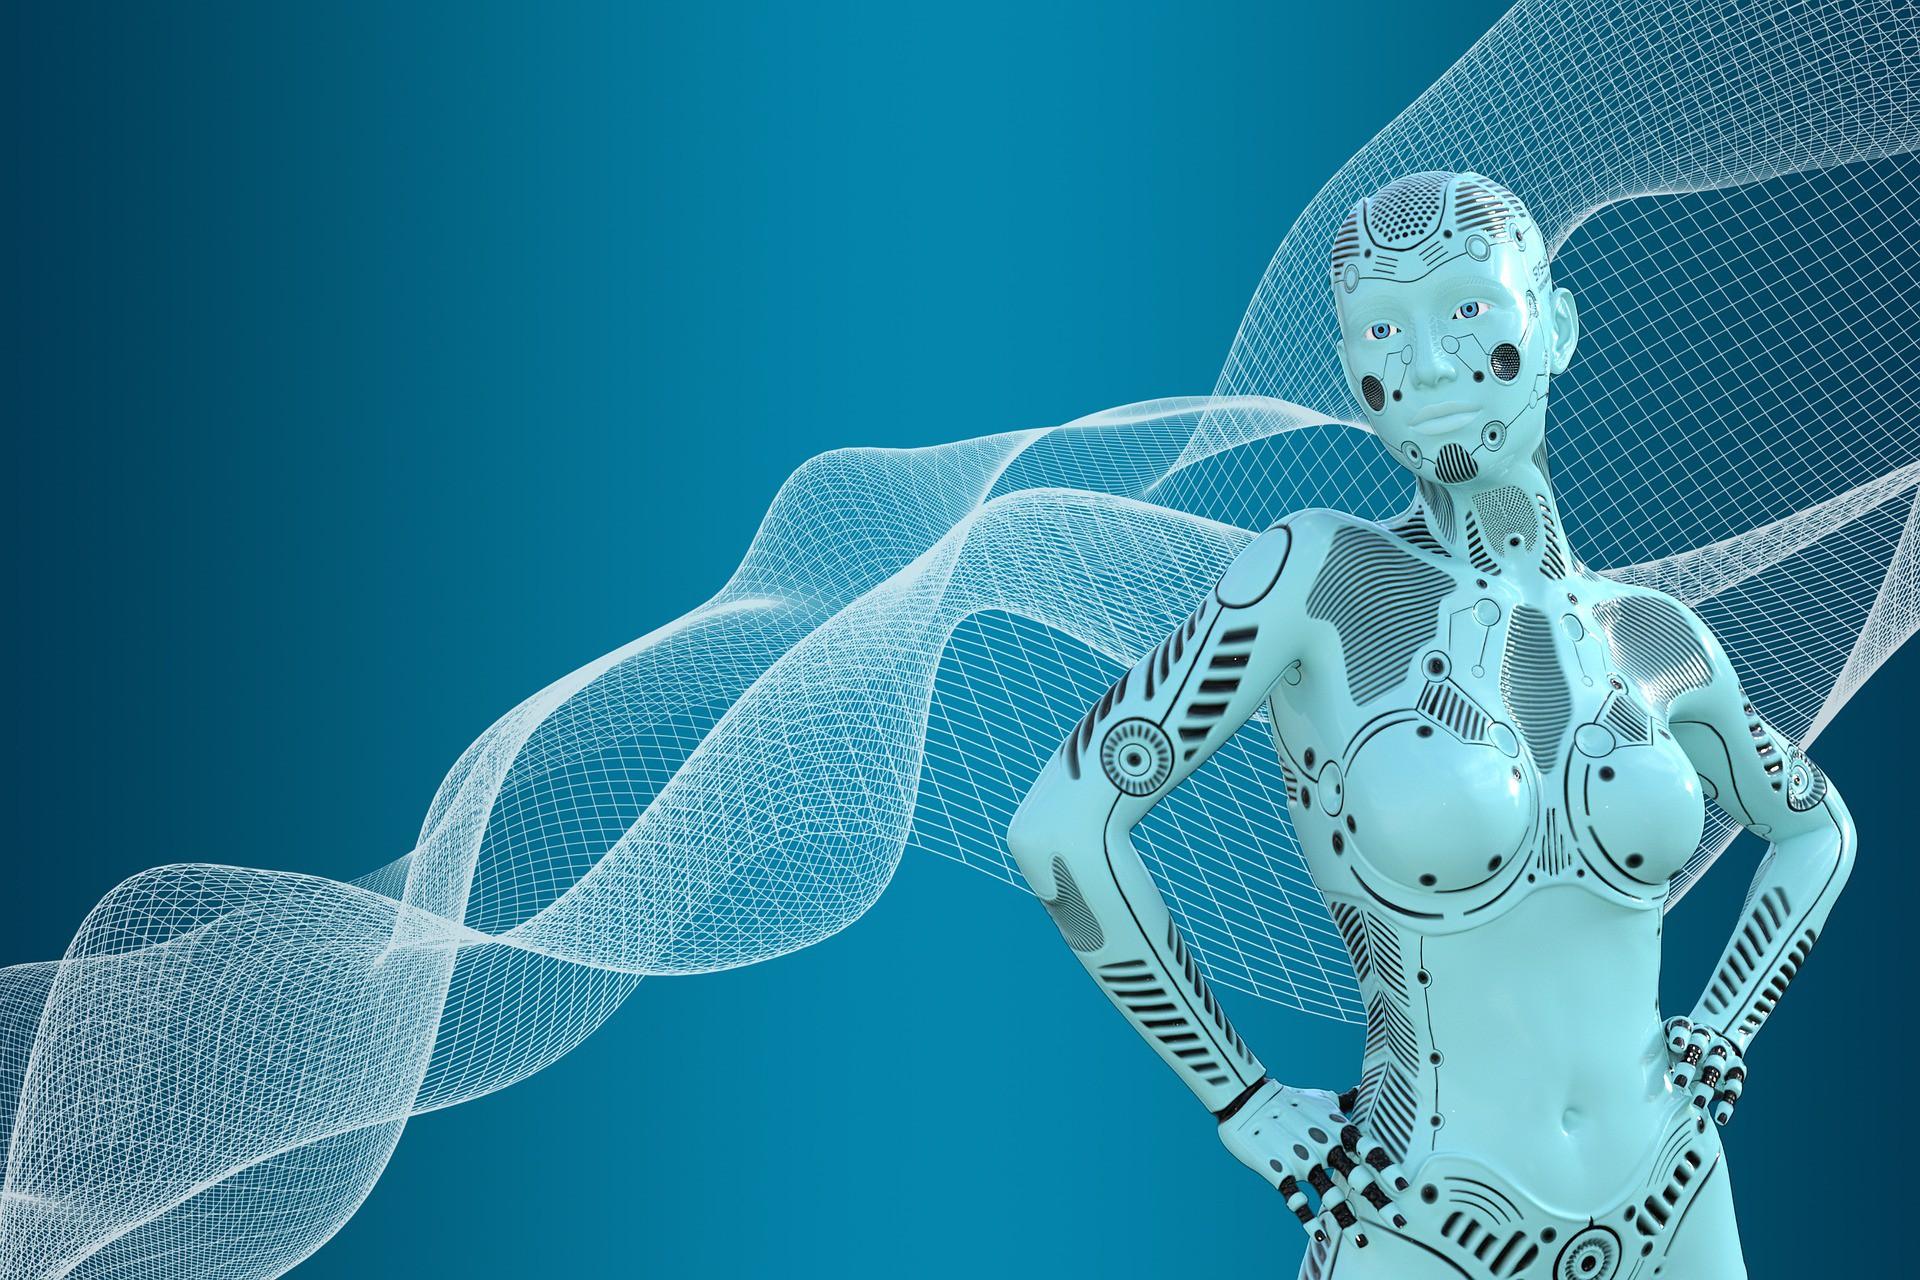 digisexualita laska roboti sex umela inteligencia